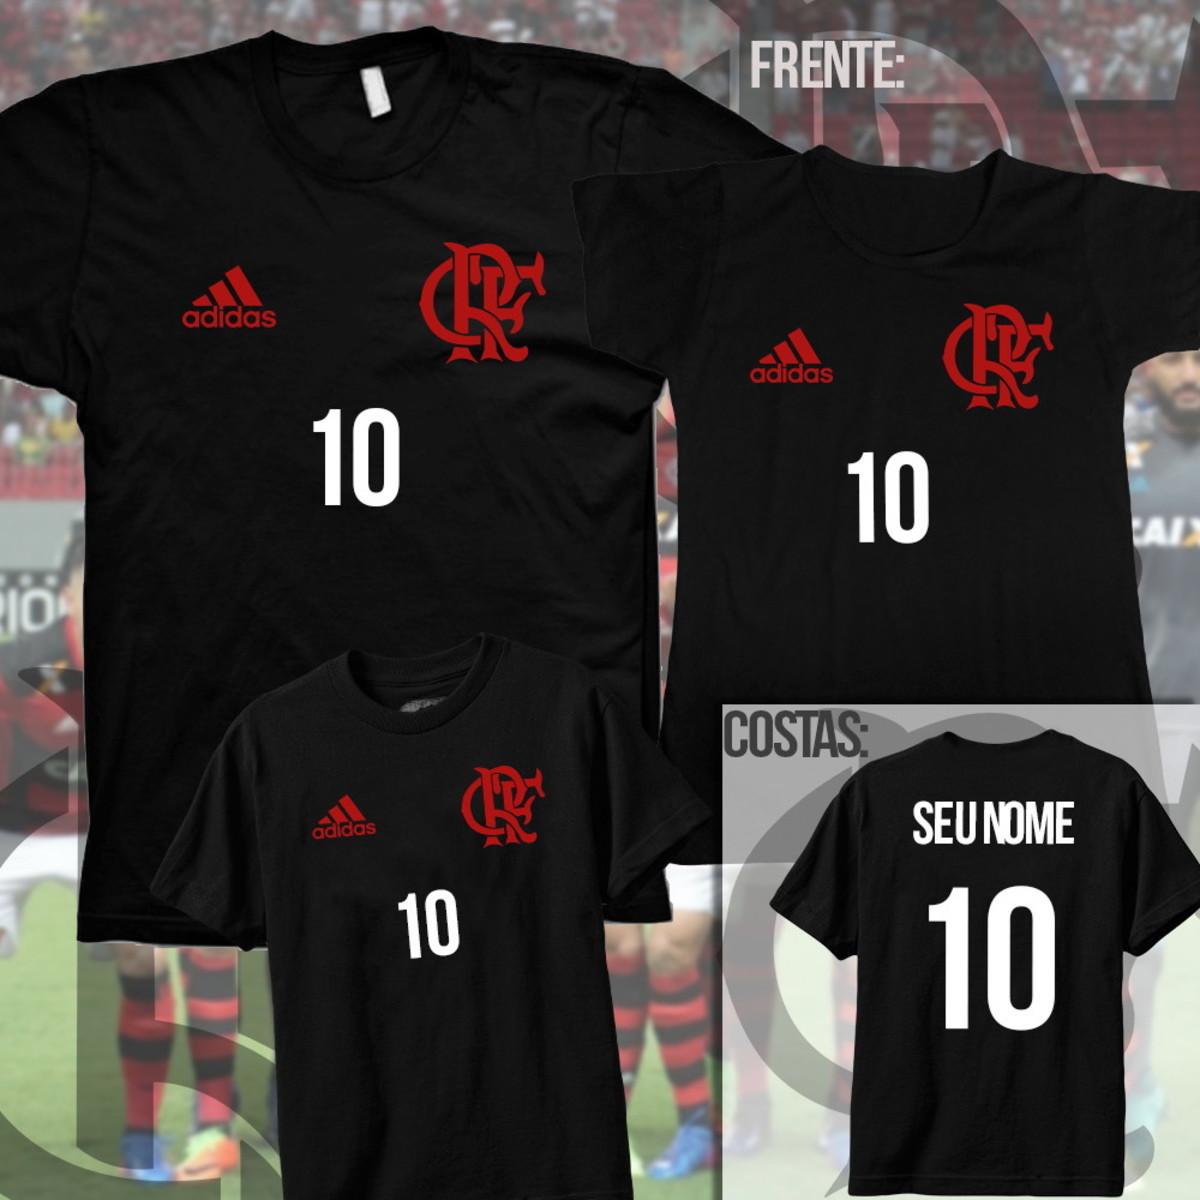 eb007747c9 Camiseta Usa Frente e Costa | Elo7